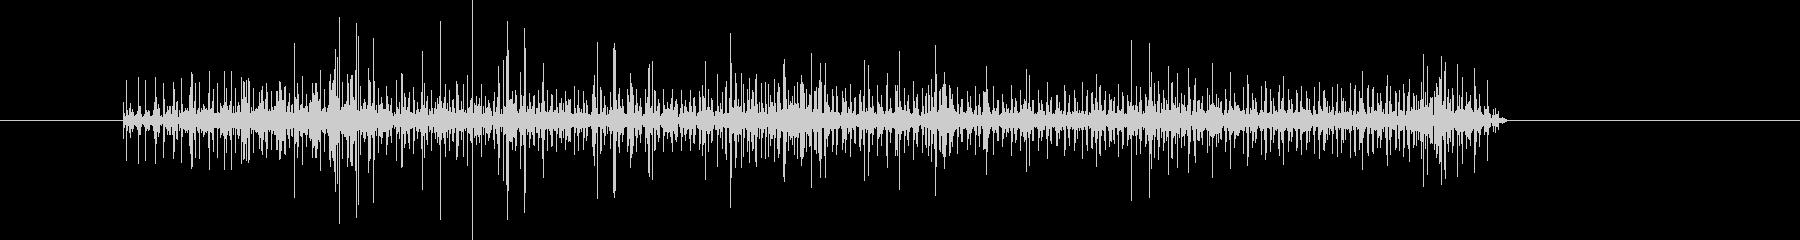 ビリリ!☆電流の流れる音 3の未再生の波形